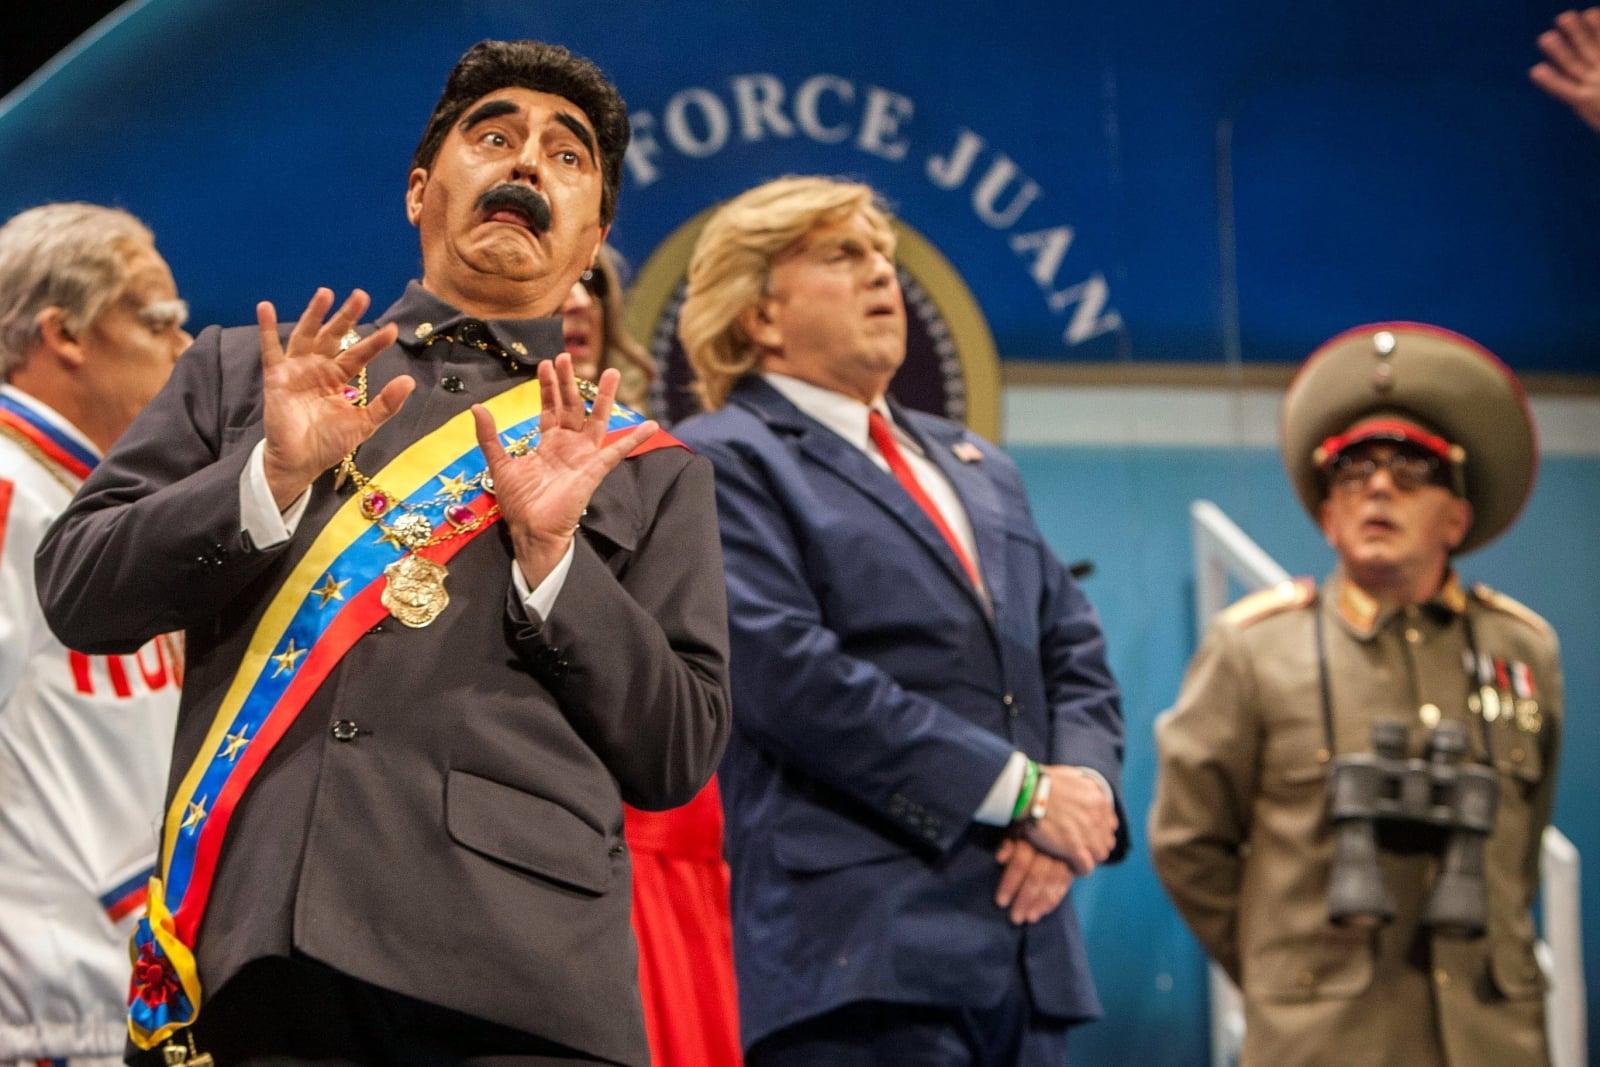 Hiszpańscy komicy przebrani za prezydenta Wenezueli Nicolasa Maduro i prezydenta Stanów Zjednoczonych Donalda Trumpa, Cadiz, Hiszpania.